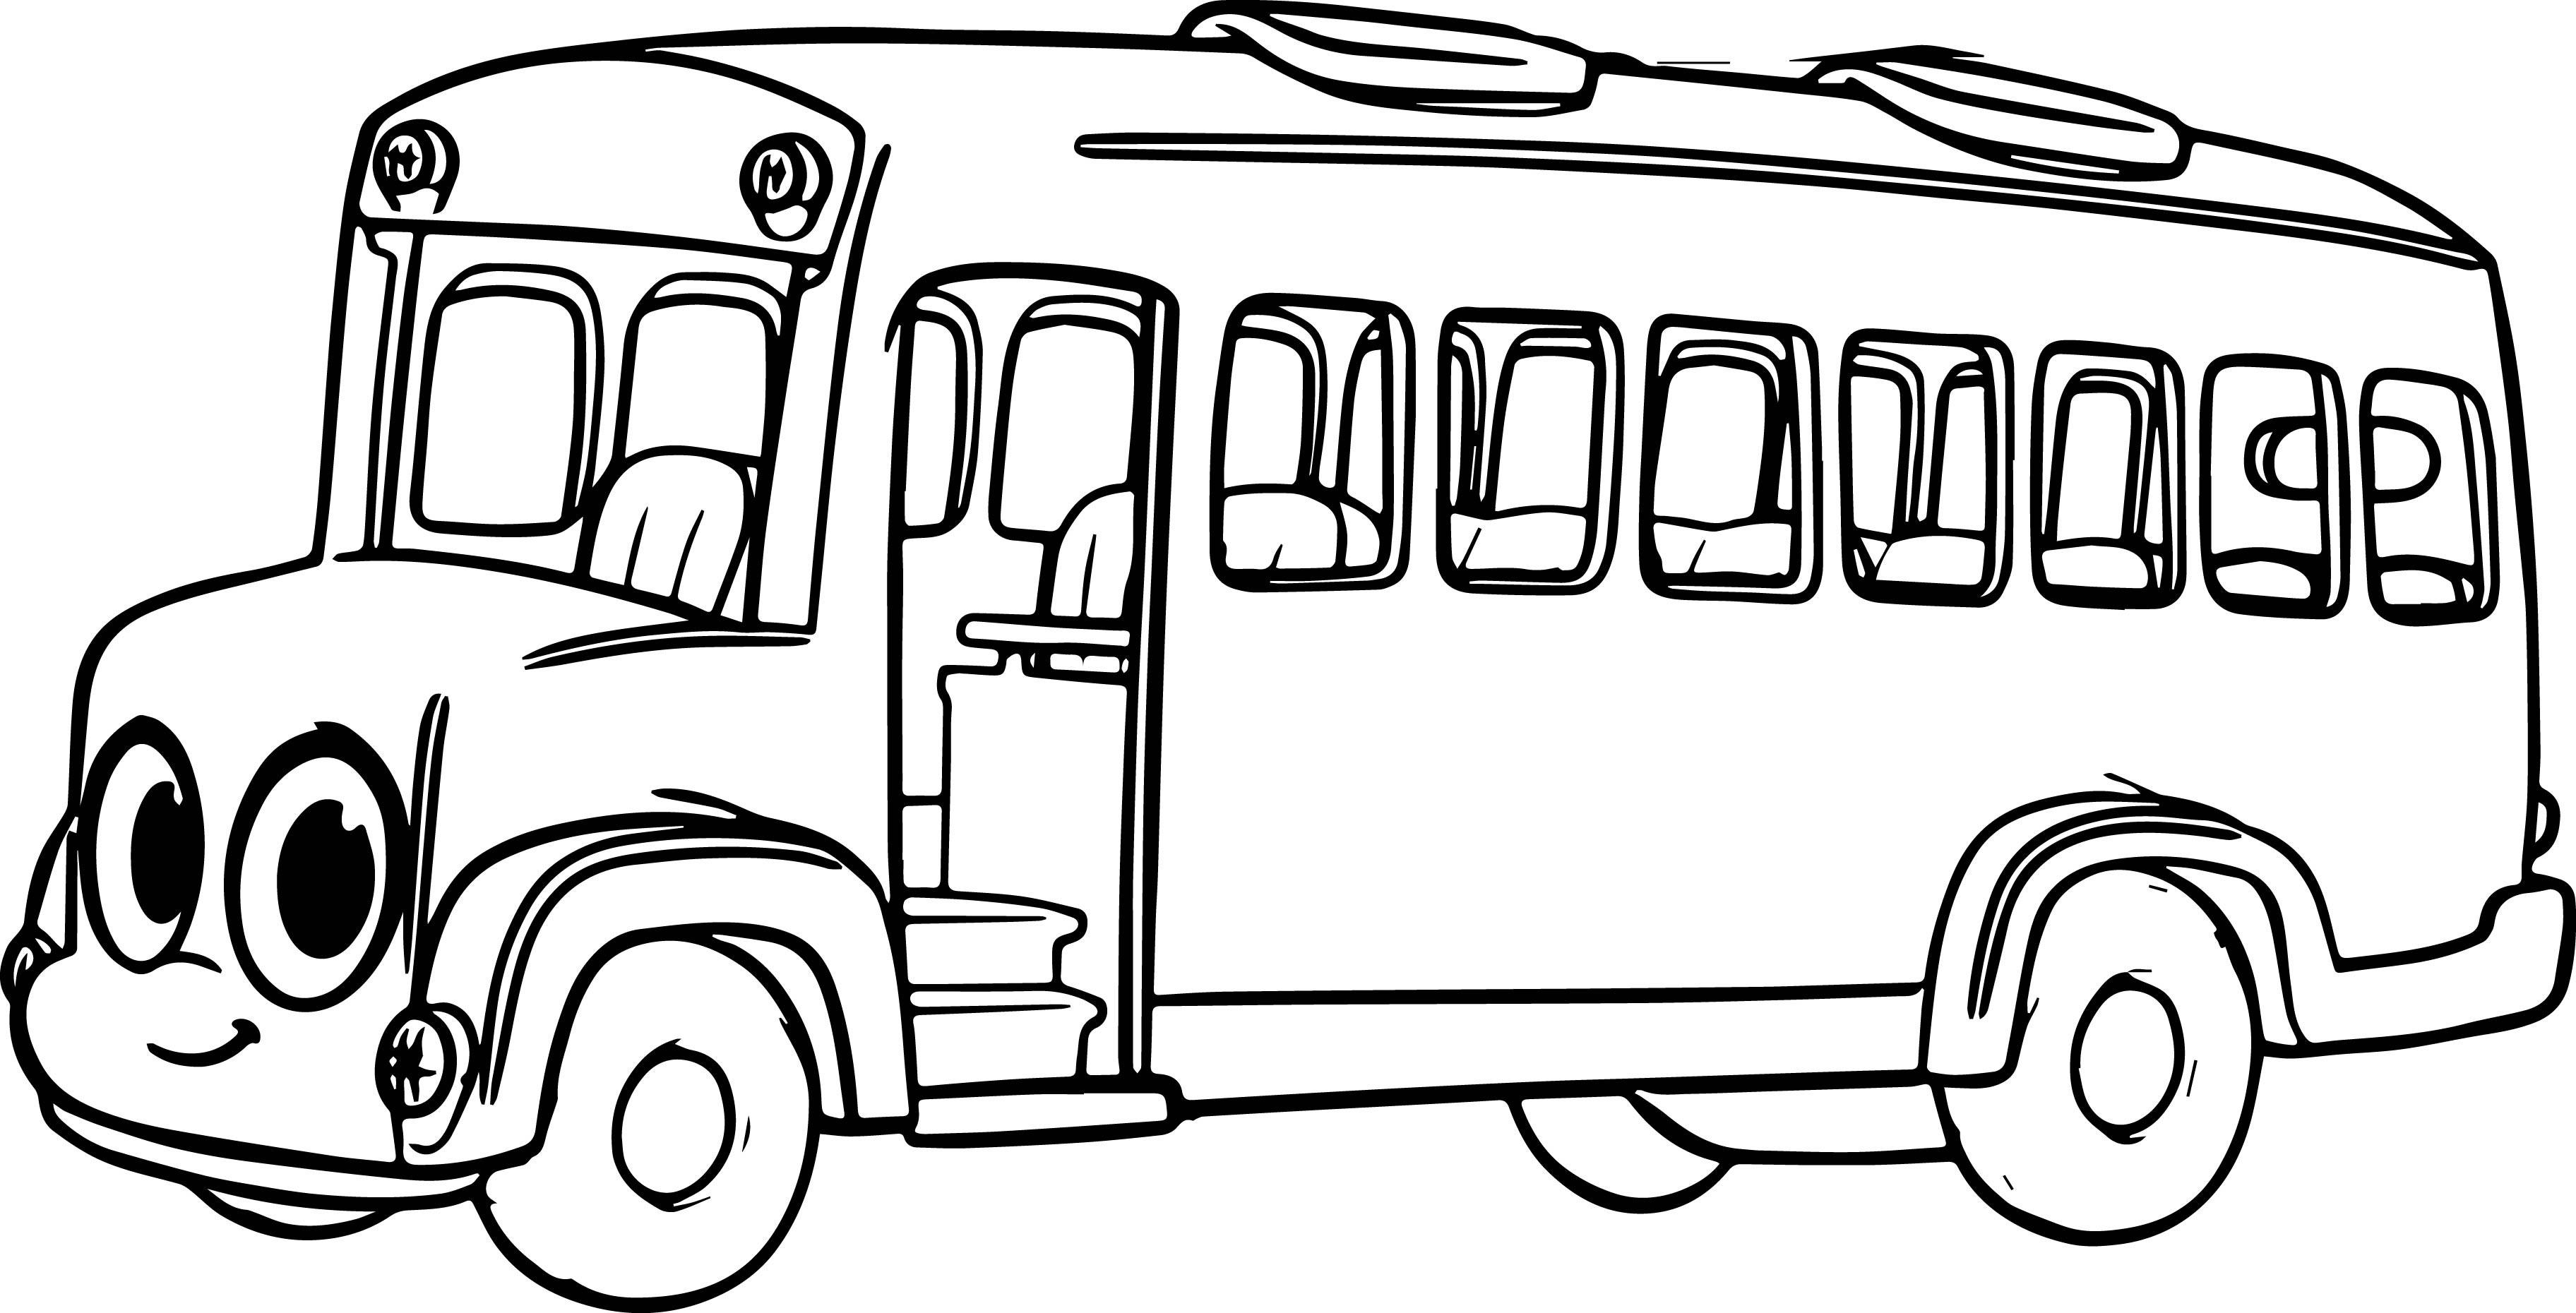 School Bus Coloring Page Magic School Bus Coloring Pages Buses Coloring Pages 12 H